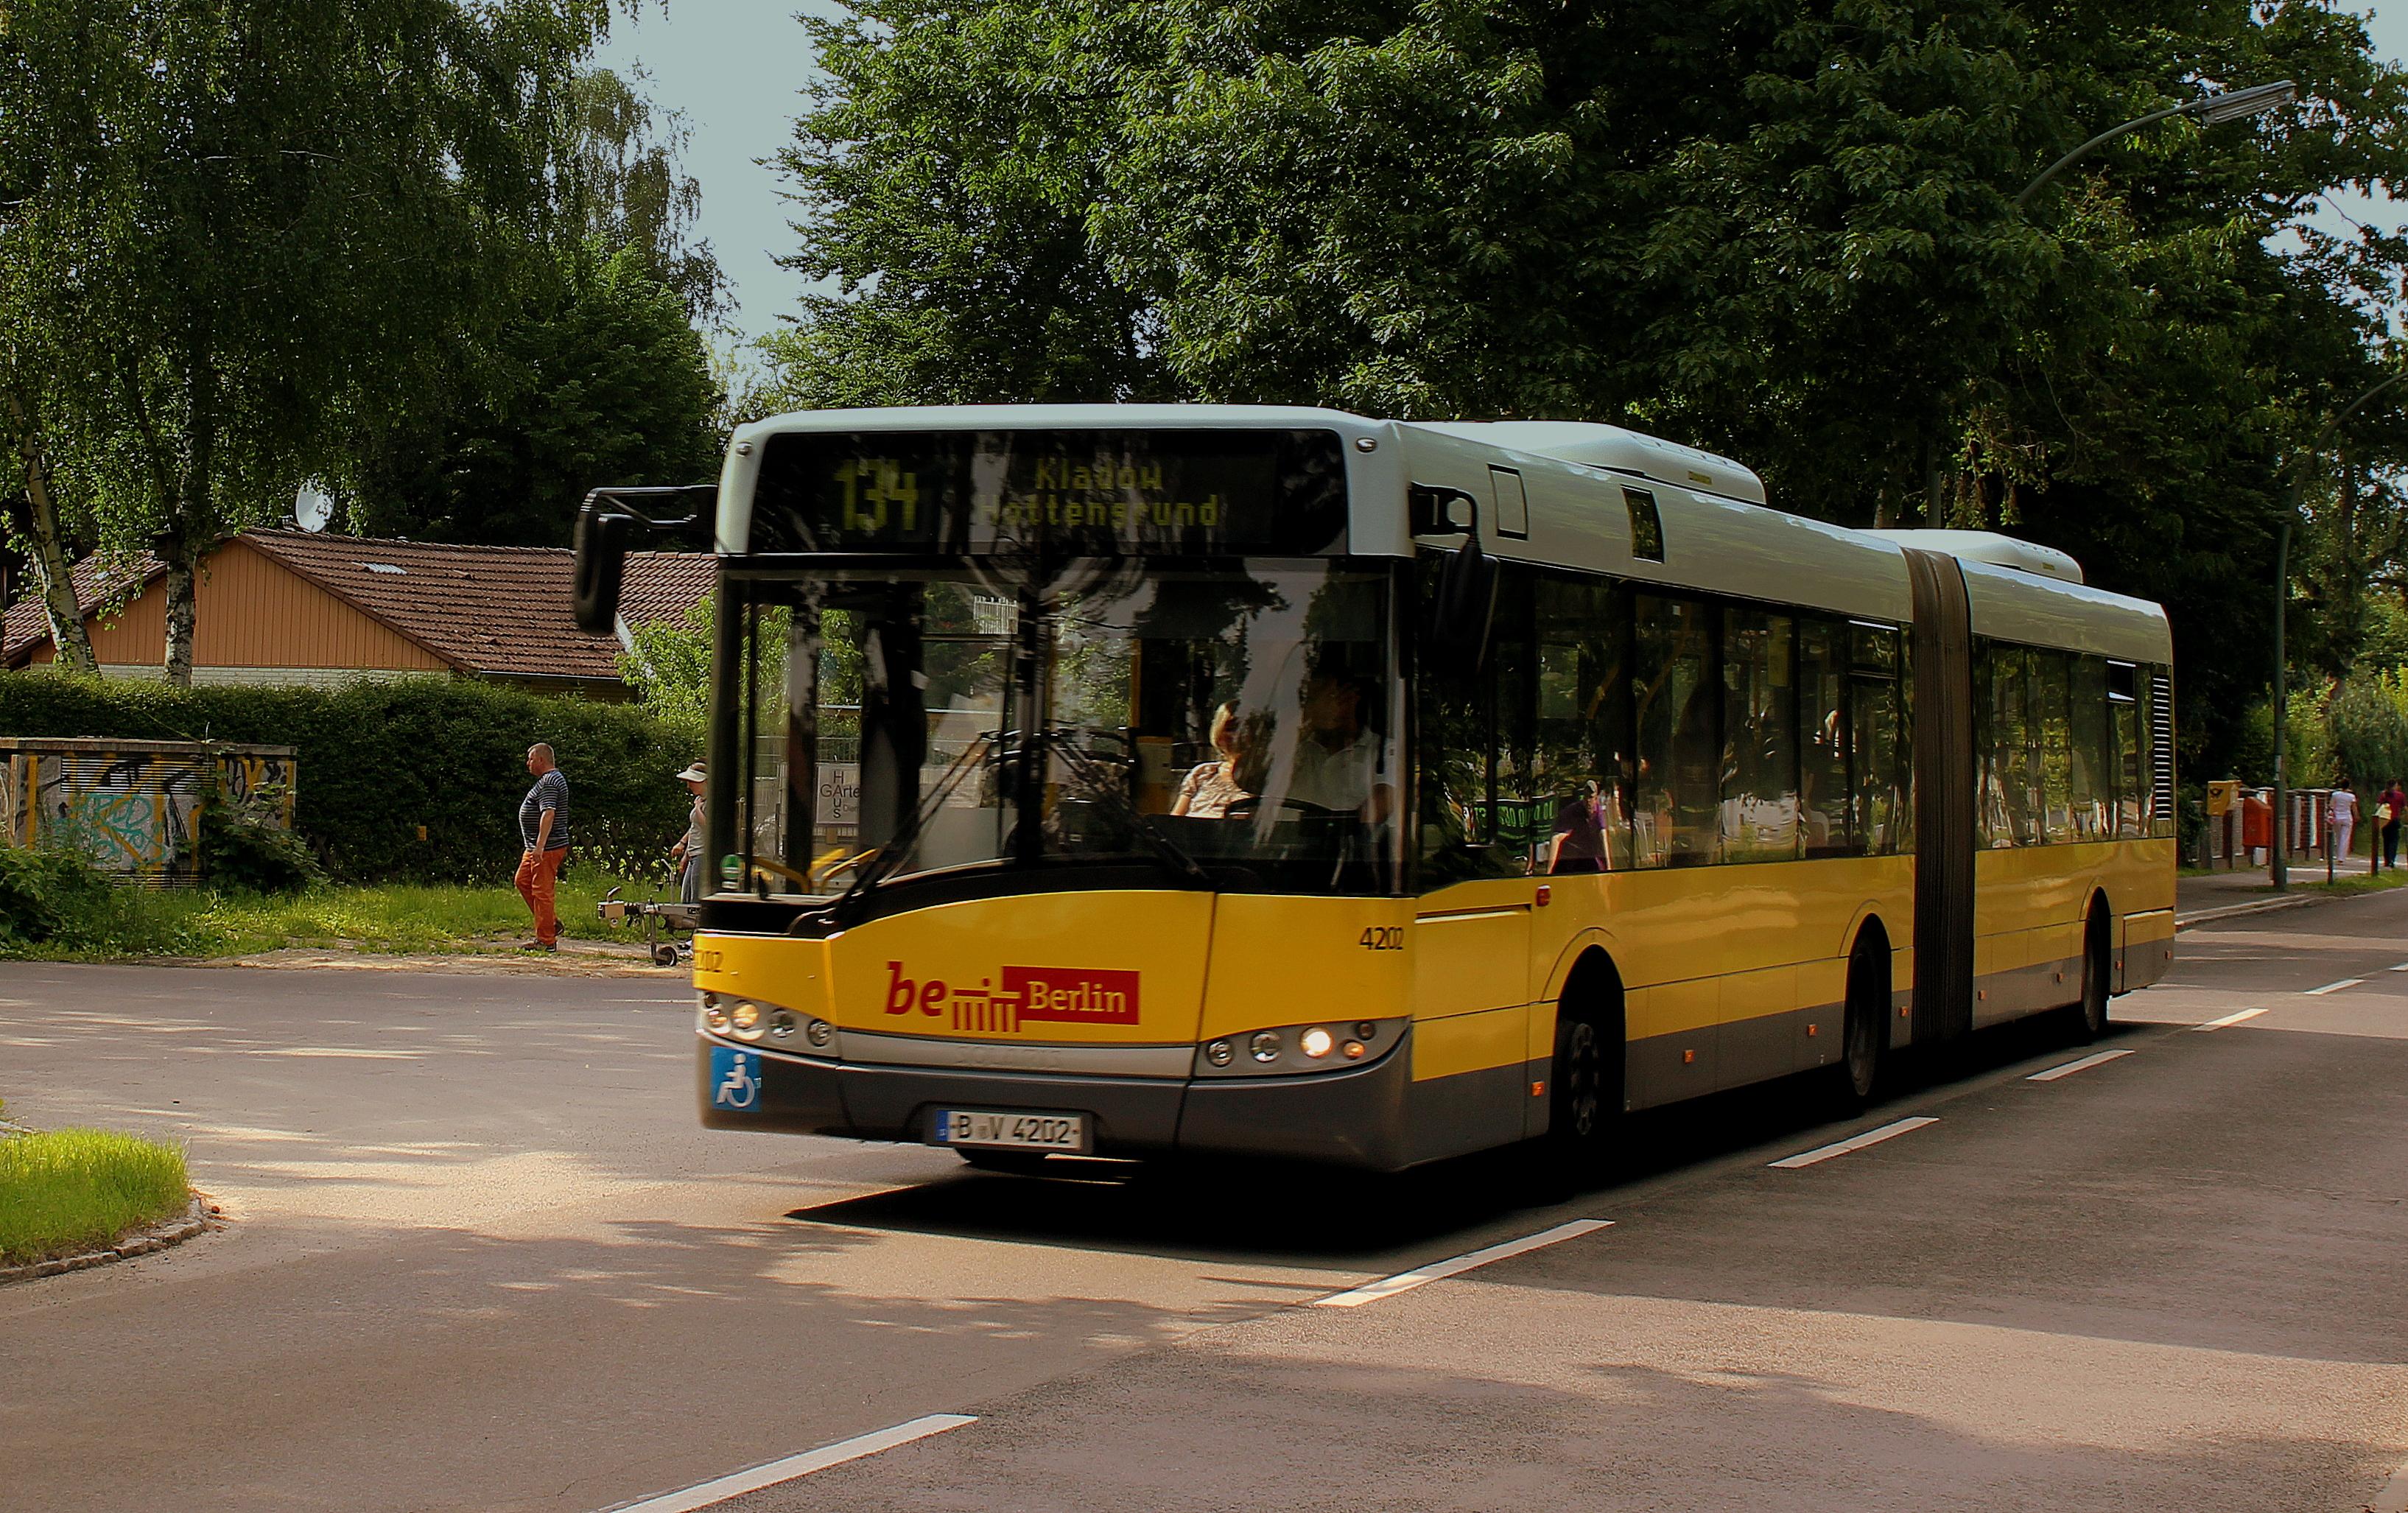 bus berlin germany bing images. Black Bedroom Furniture Sets. Home Design Ideas